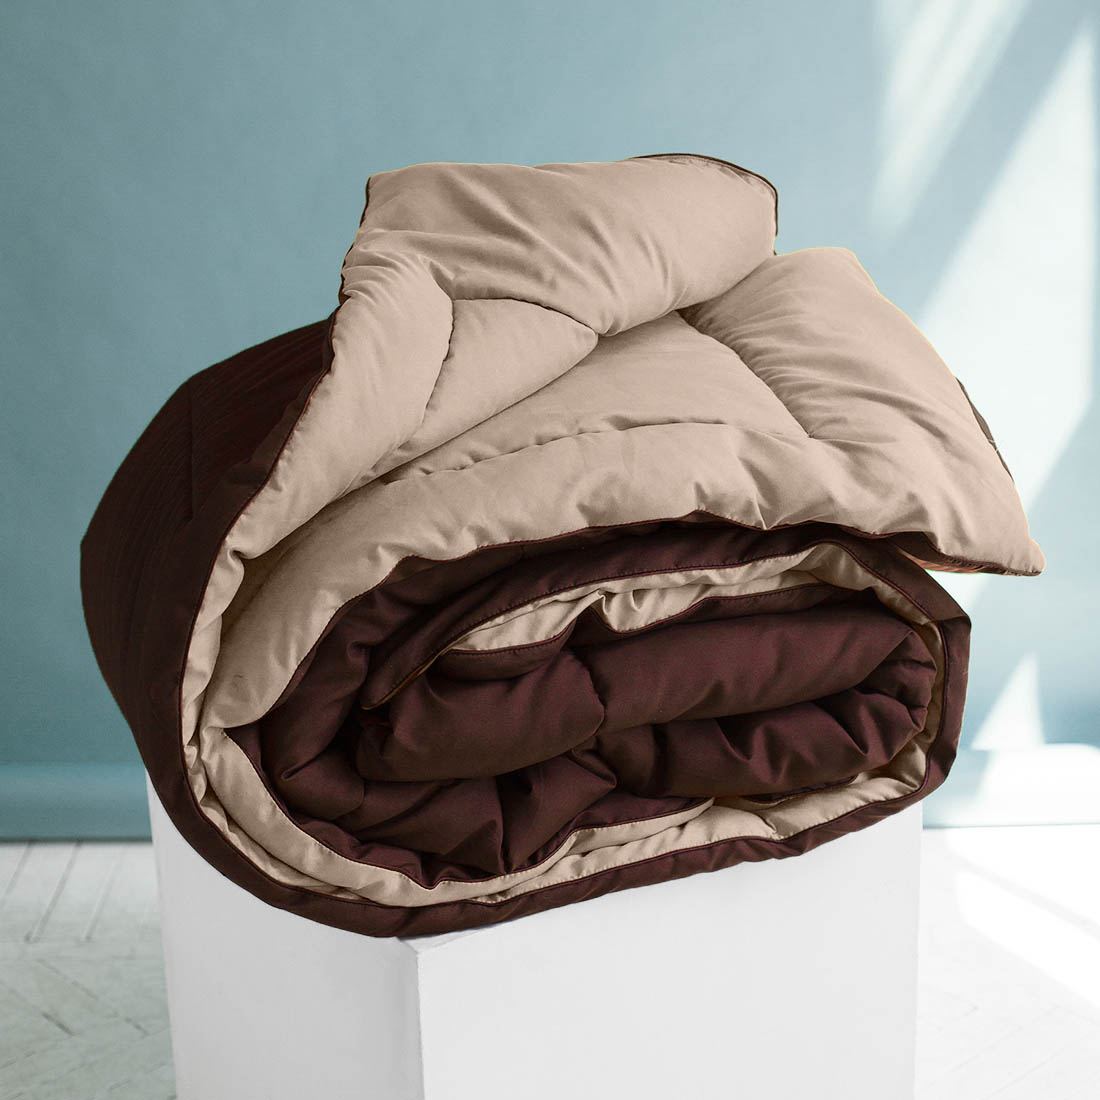 Одеяло «Sleep iX» изготовлено из силиконизированного волокна, полученного из тонких волокон полиэфира, обработанных силиконом. Наполнитель отлично держит форму, не сбиваясь в комки. На ощупь он похож на пух, поэтому производители часто называют его искусственным пухом. Такое одеяло подойдёт людям, страдающим аллергией, так как не впитывает запахи и отталкивает пыль. Кроме того, особая технология производства позволяет не использовать пододеяльник.Материал чехла MicroSkin - это гладкая и шелковистая ткань с легким блеском, по своему виду не уступающая натуральному хлопку. Кант делают из атласа или вискозы, он помогает изделию держать форму в течение многих лет. Кант есть на многих объемных изделиях из текстиля, иногда его могут дополнительно прострочить по периметру или сделать широким.Такое одеяло очень хорошо сохраняет тепло, приятно на ощупь, прочно и устойчиво к стирке.